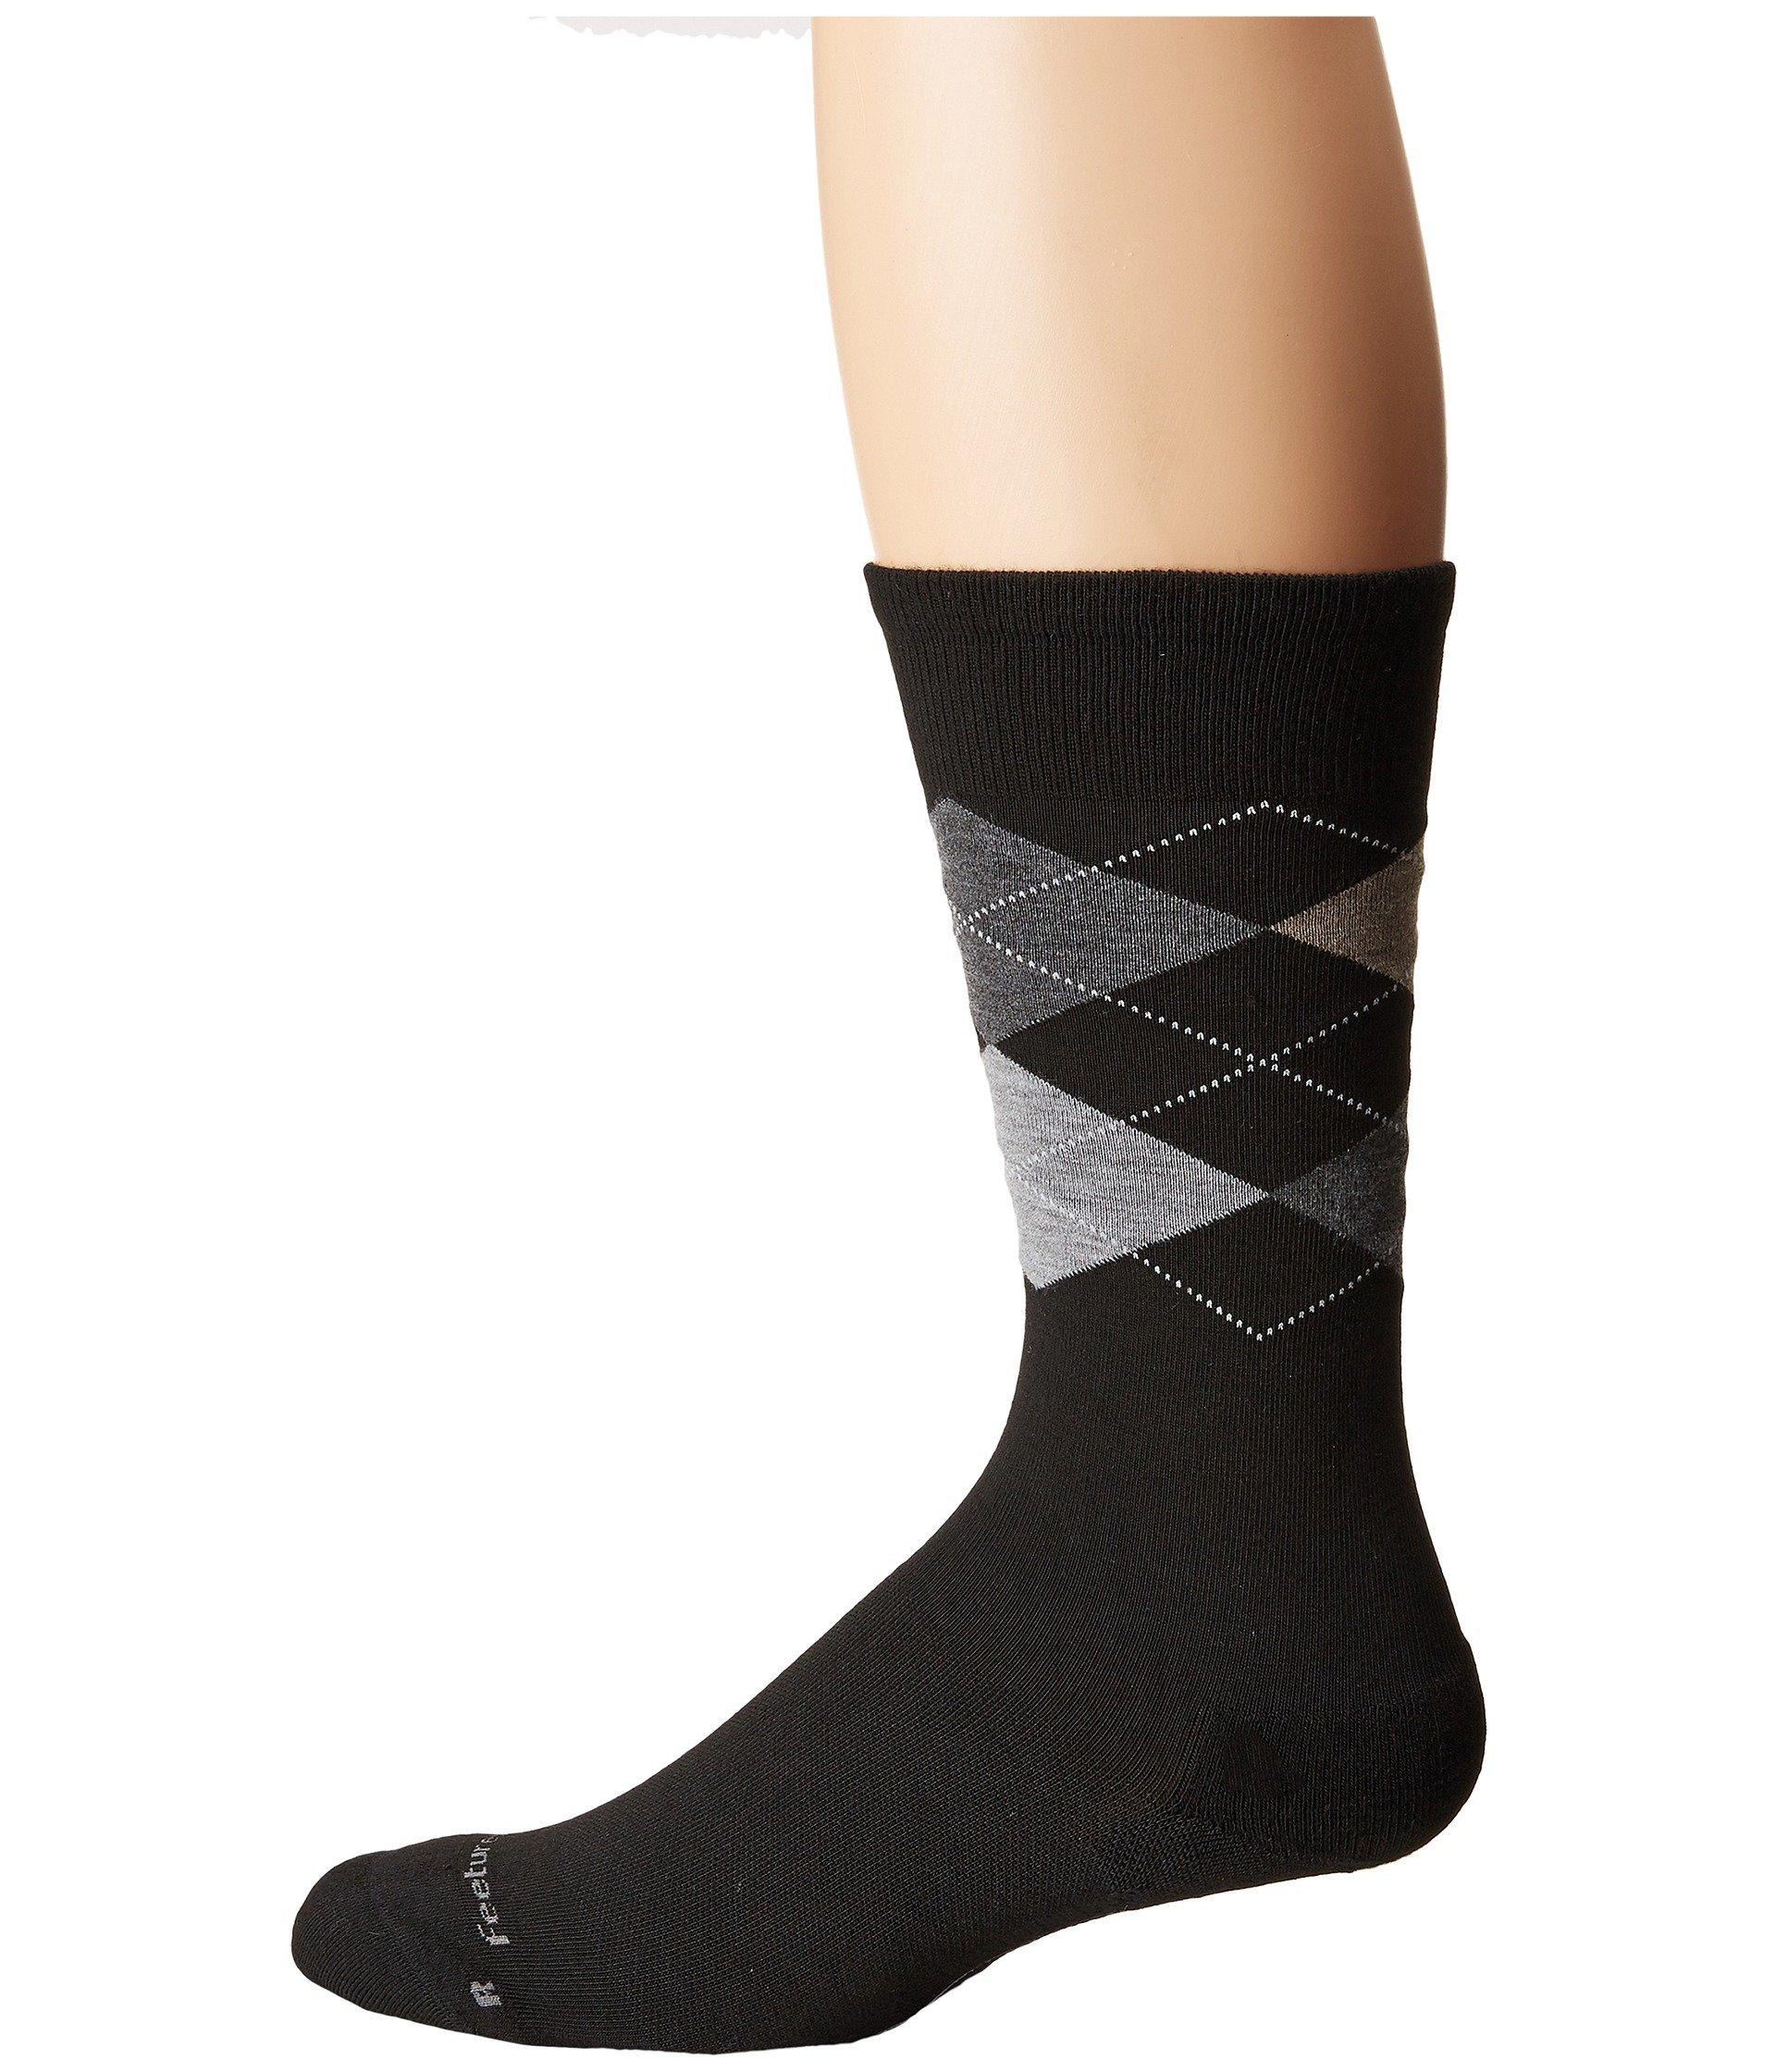 Black Cushion Sock Argyle Crew Feetures zCP1x7